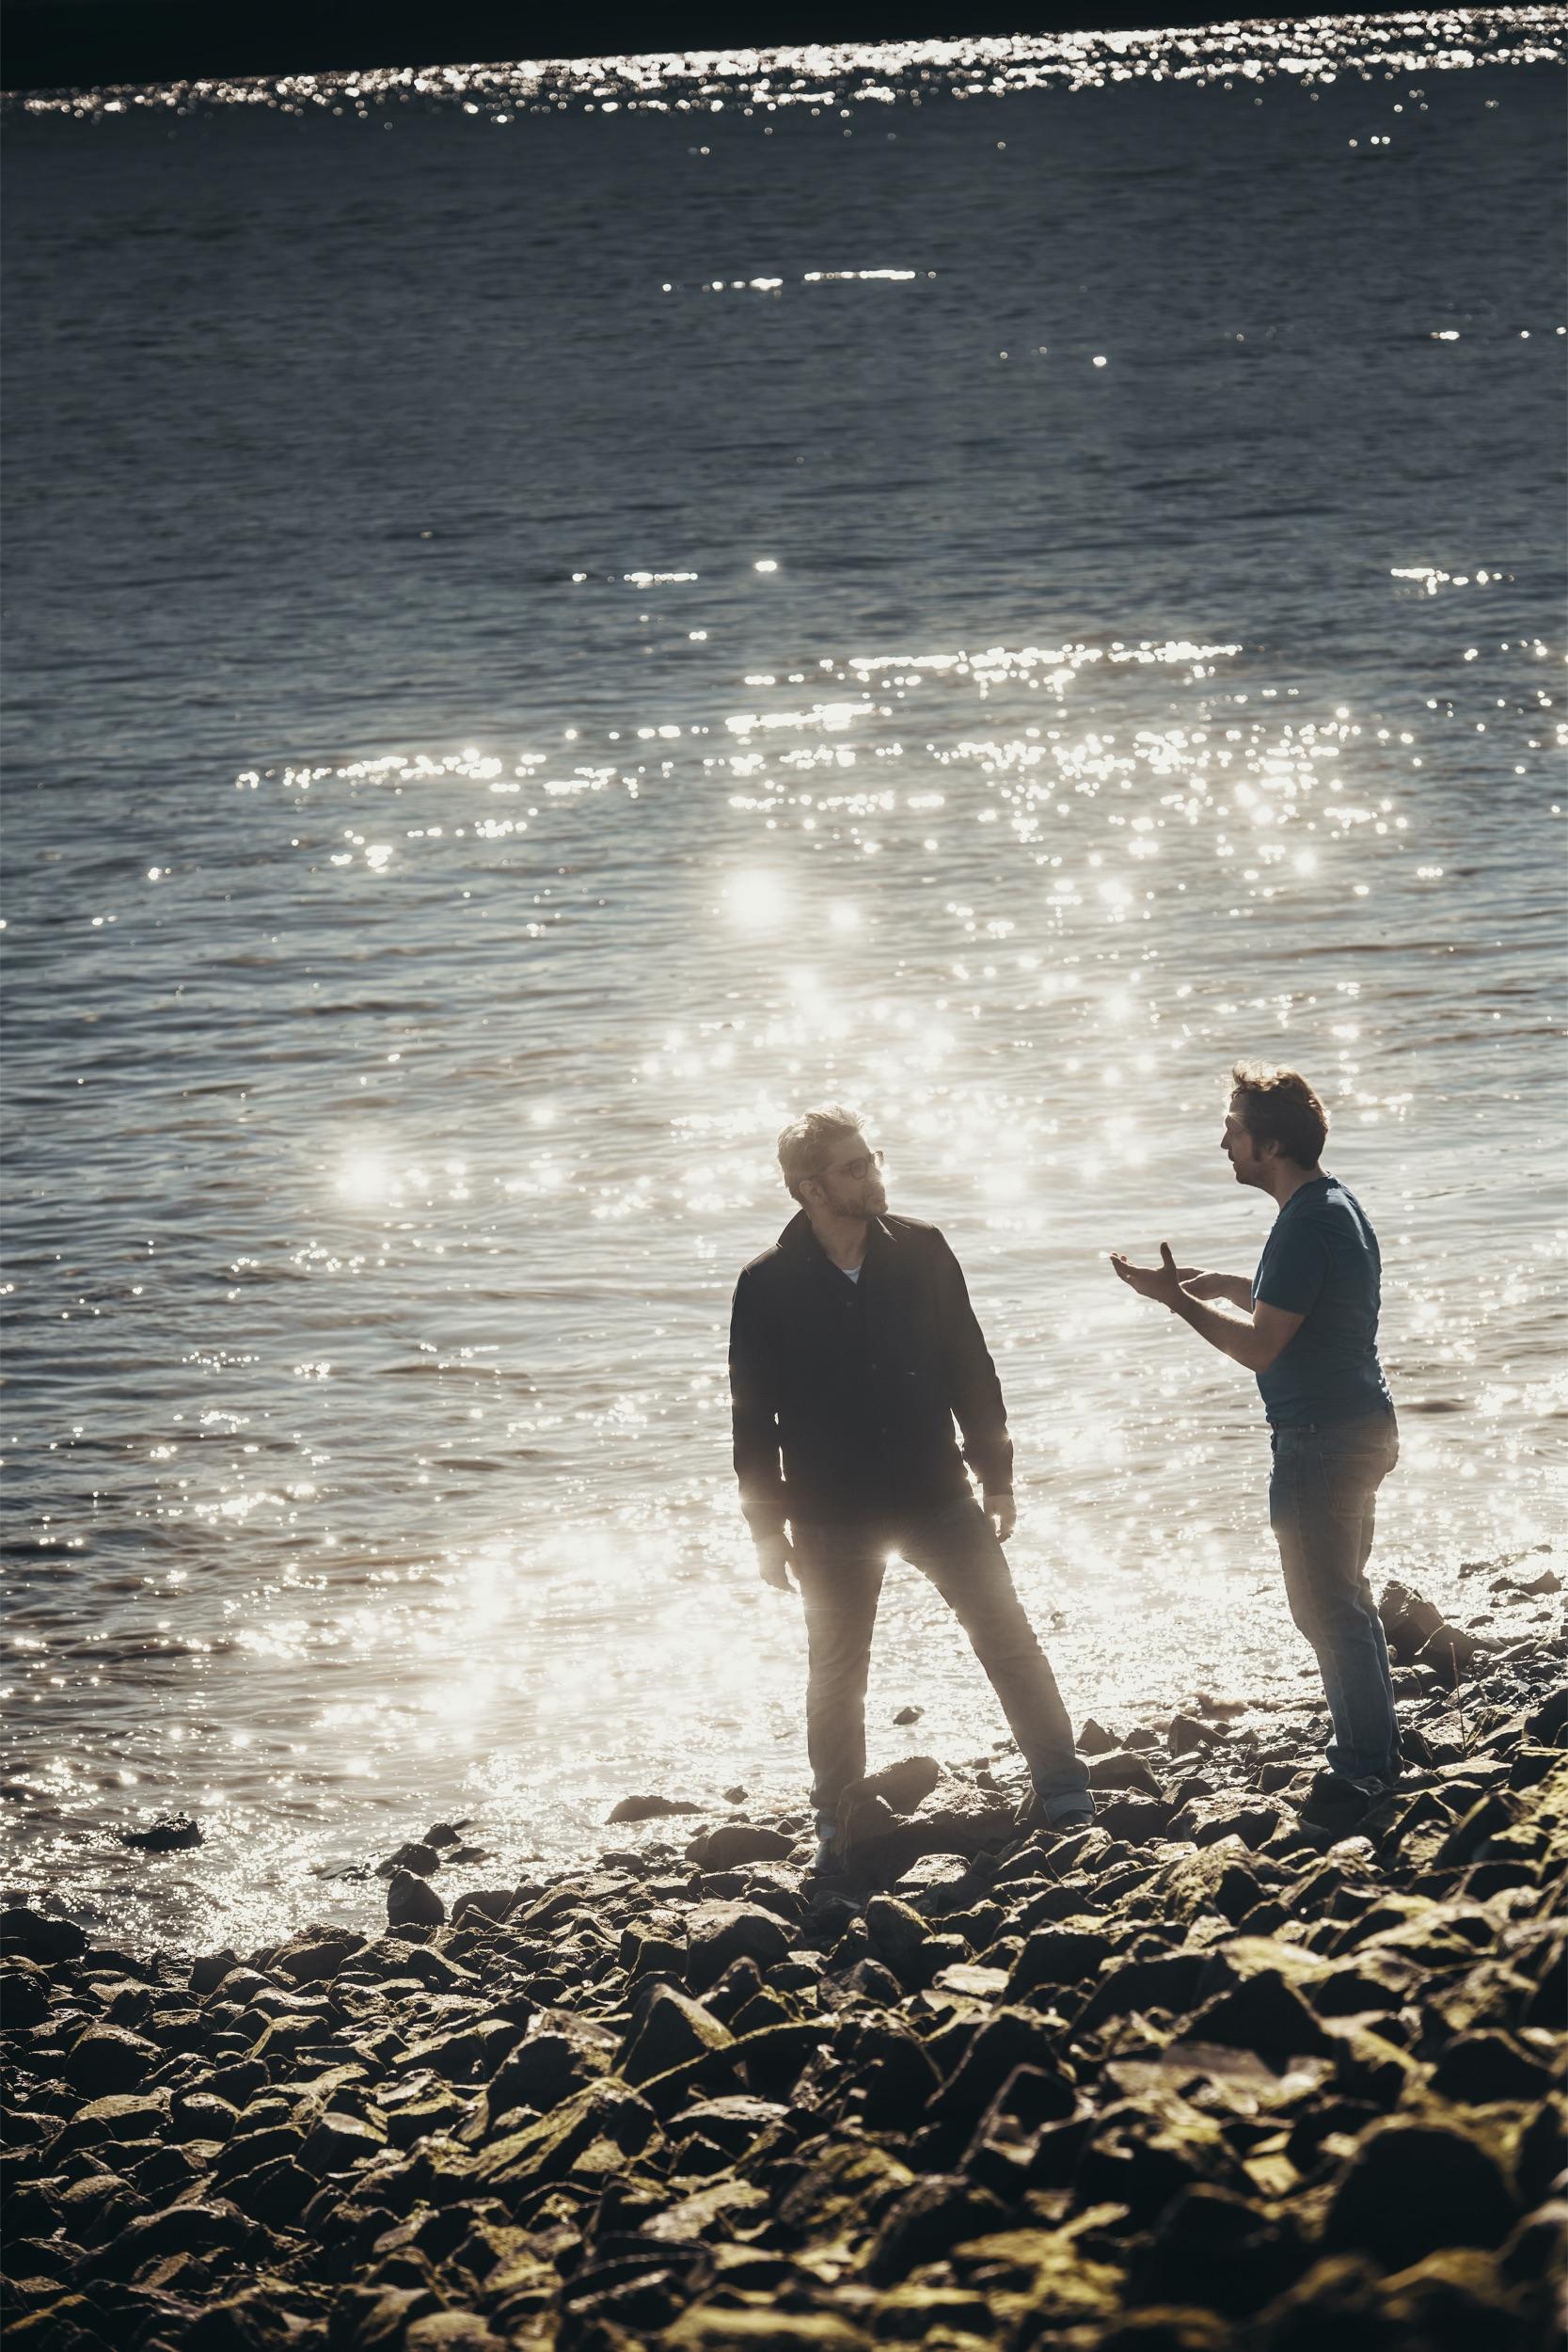 Seizoensbeeld - Hoe te leven Wim Helsen & Johan Petit (c) Jimmy Kets.jpg